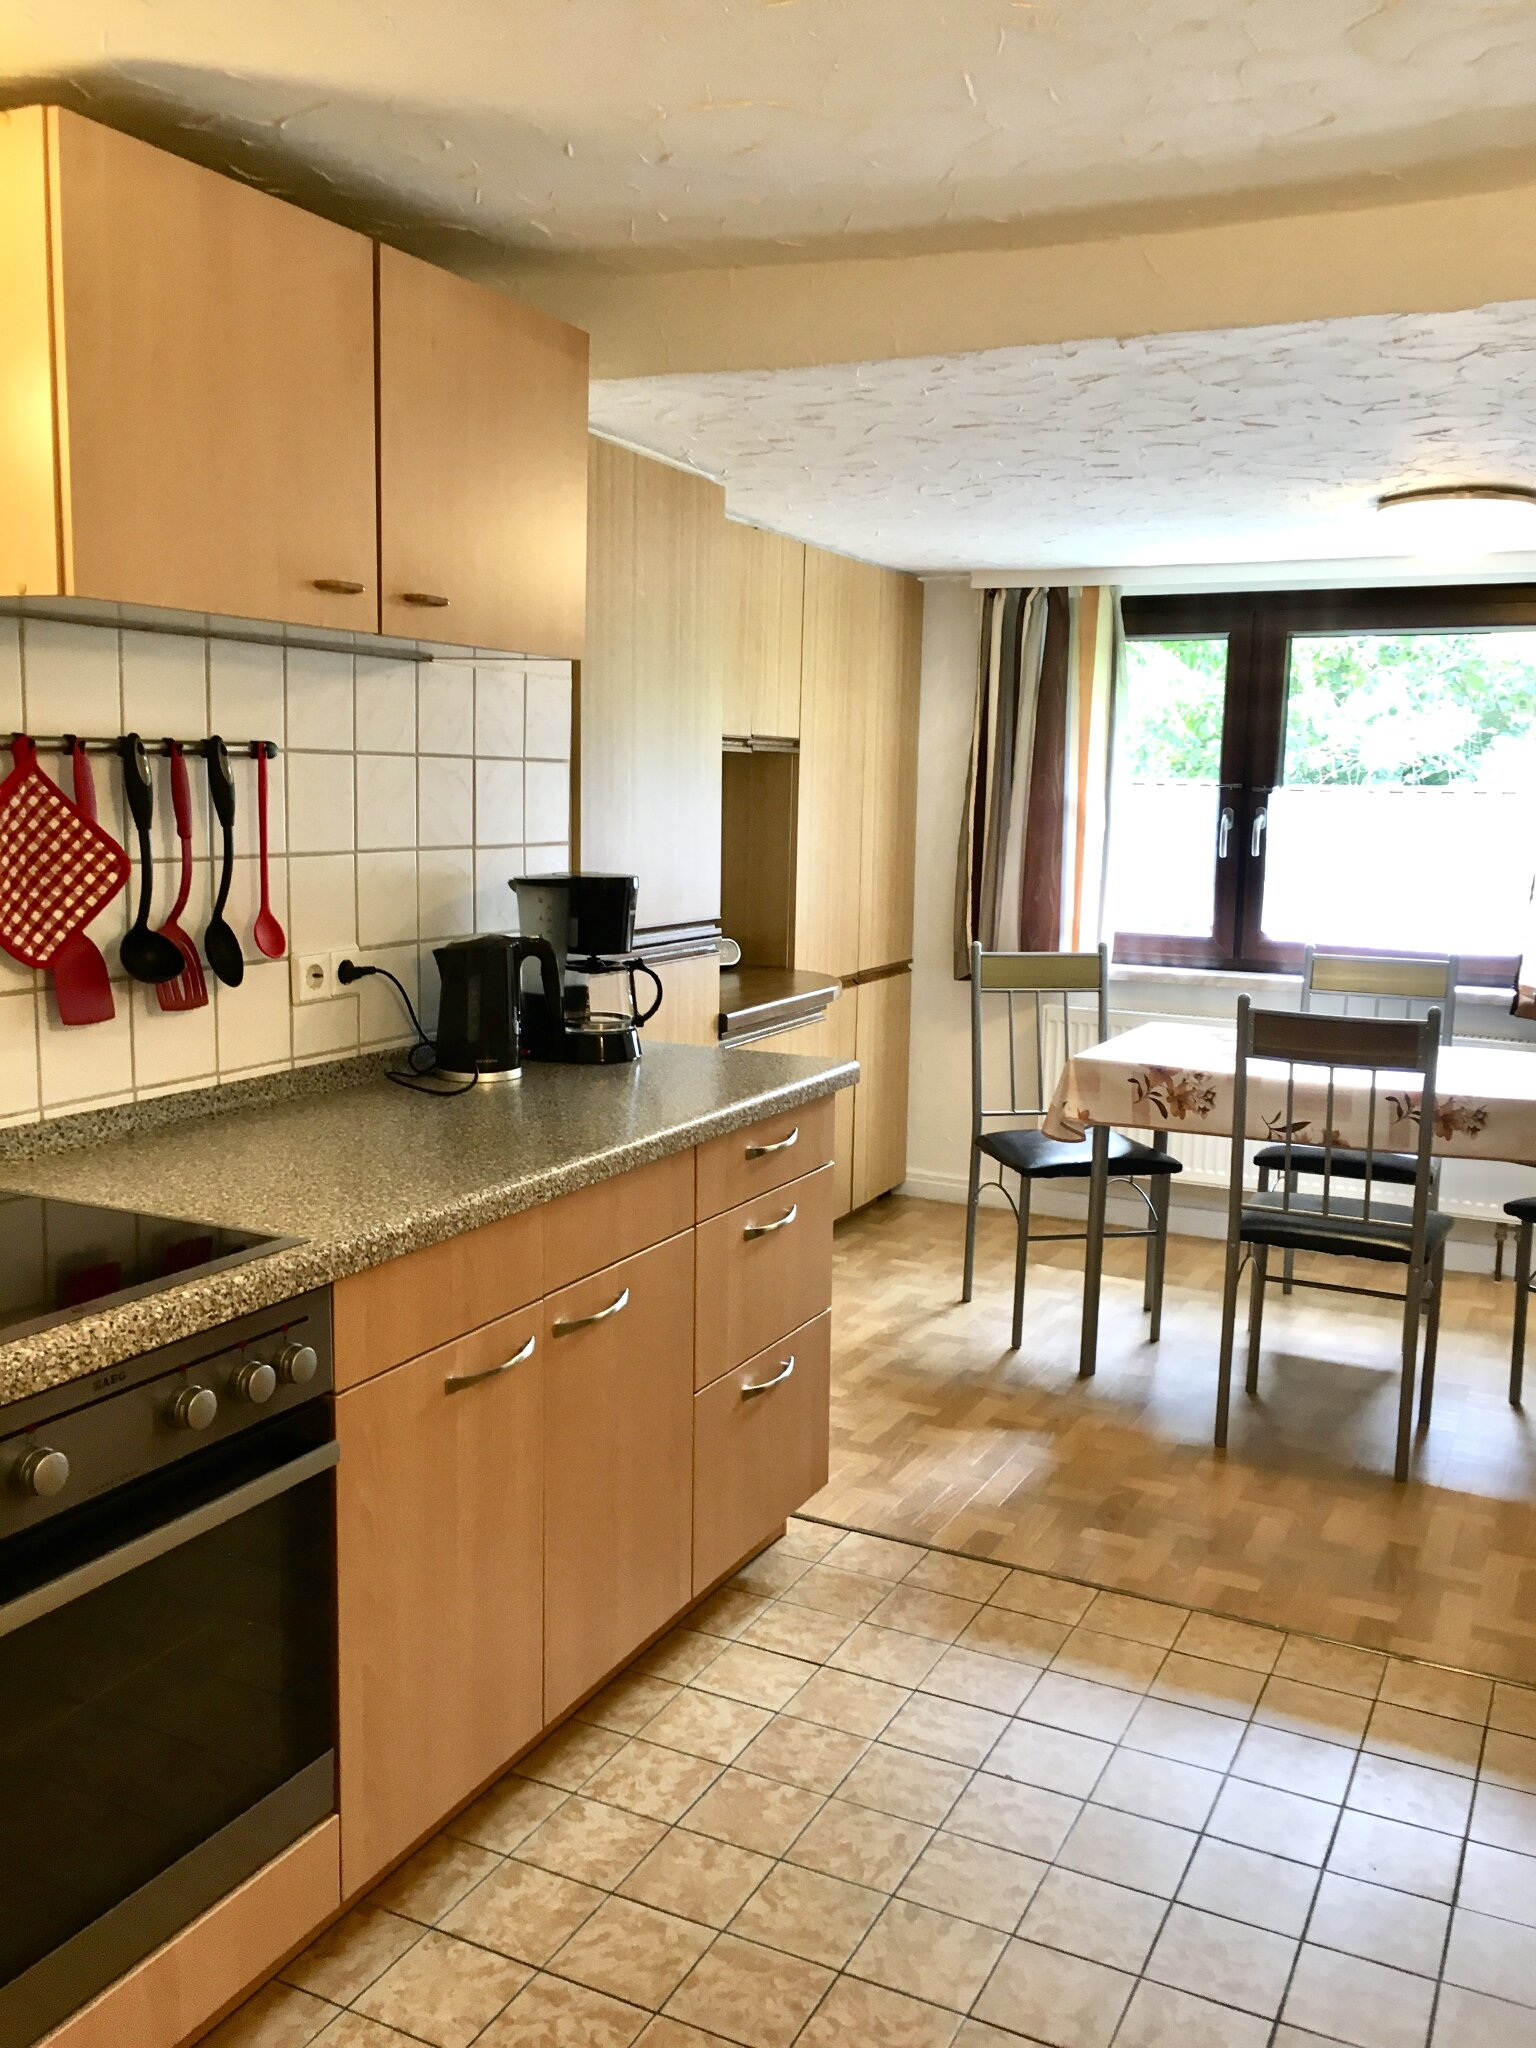 Große gut ausgestattete Wohnküche